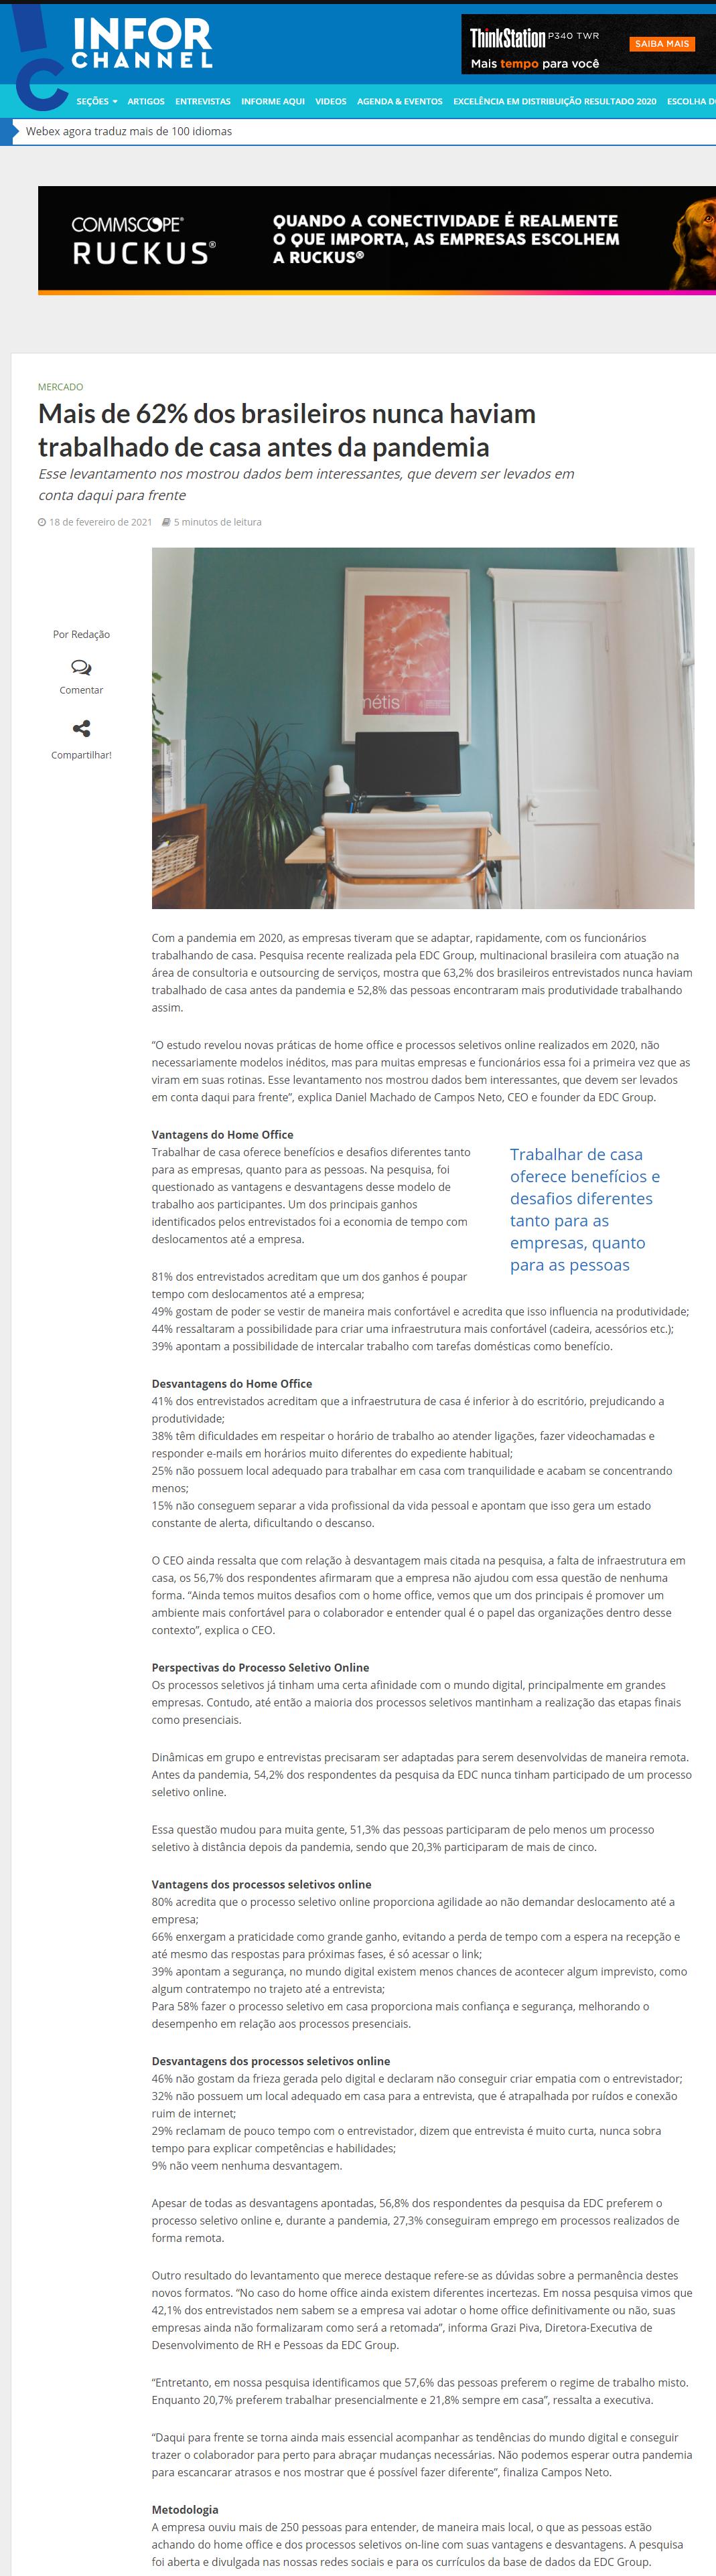 Mais de 62% dos brasileiros nunca haviam trabalhado de casa antes da pandemia - InforChannel